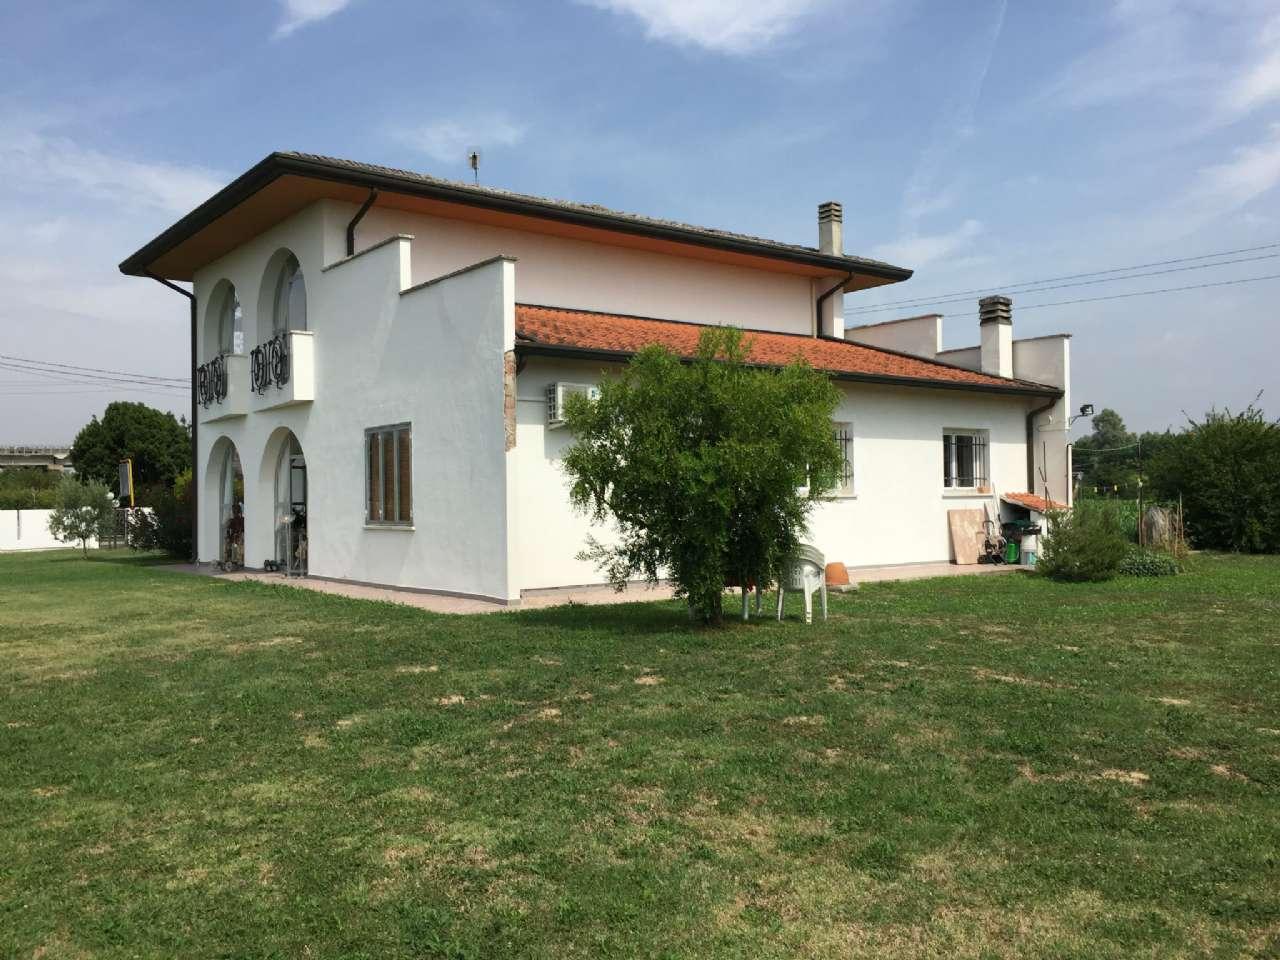 Casa indipendente con ampio scoperto di proprietà, foto 17